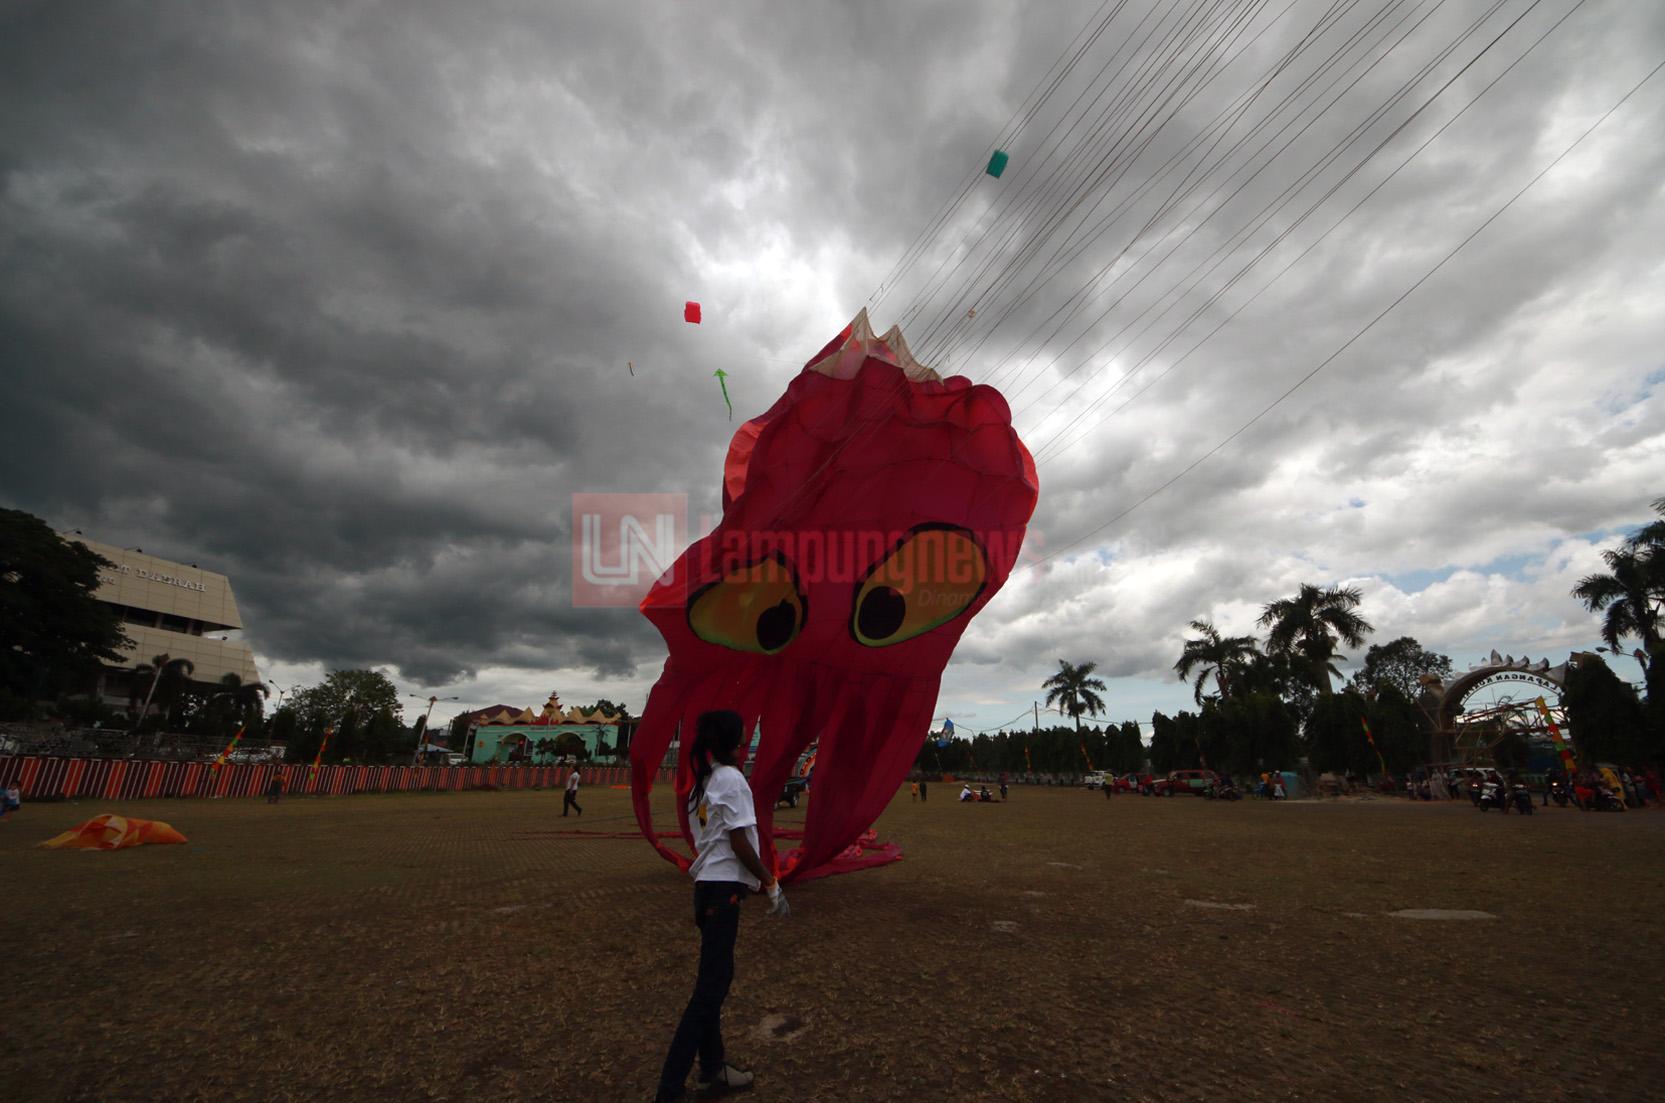 Sebanyak 400 layang-layang dari berbagai macam bentuk dan ukuran menghiasi langit Kota Bandarlampung dalam perayaan puncak Hari Bakti PU ke-72, di Lapangan Korpri, Minggu (3/12). Festival yang diadakan oleh Museum Layang-layang Indonesia ini diikuti Swedia, Kanada, Malaysia, dan India. (Lampungnews.com/El Shinta)